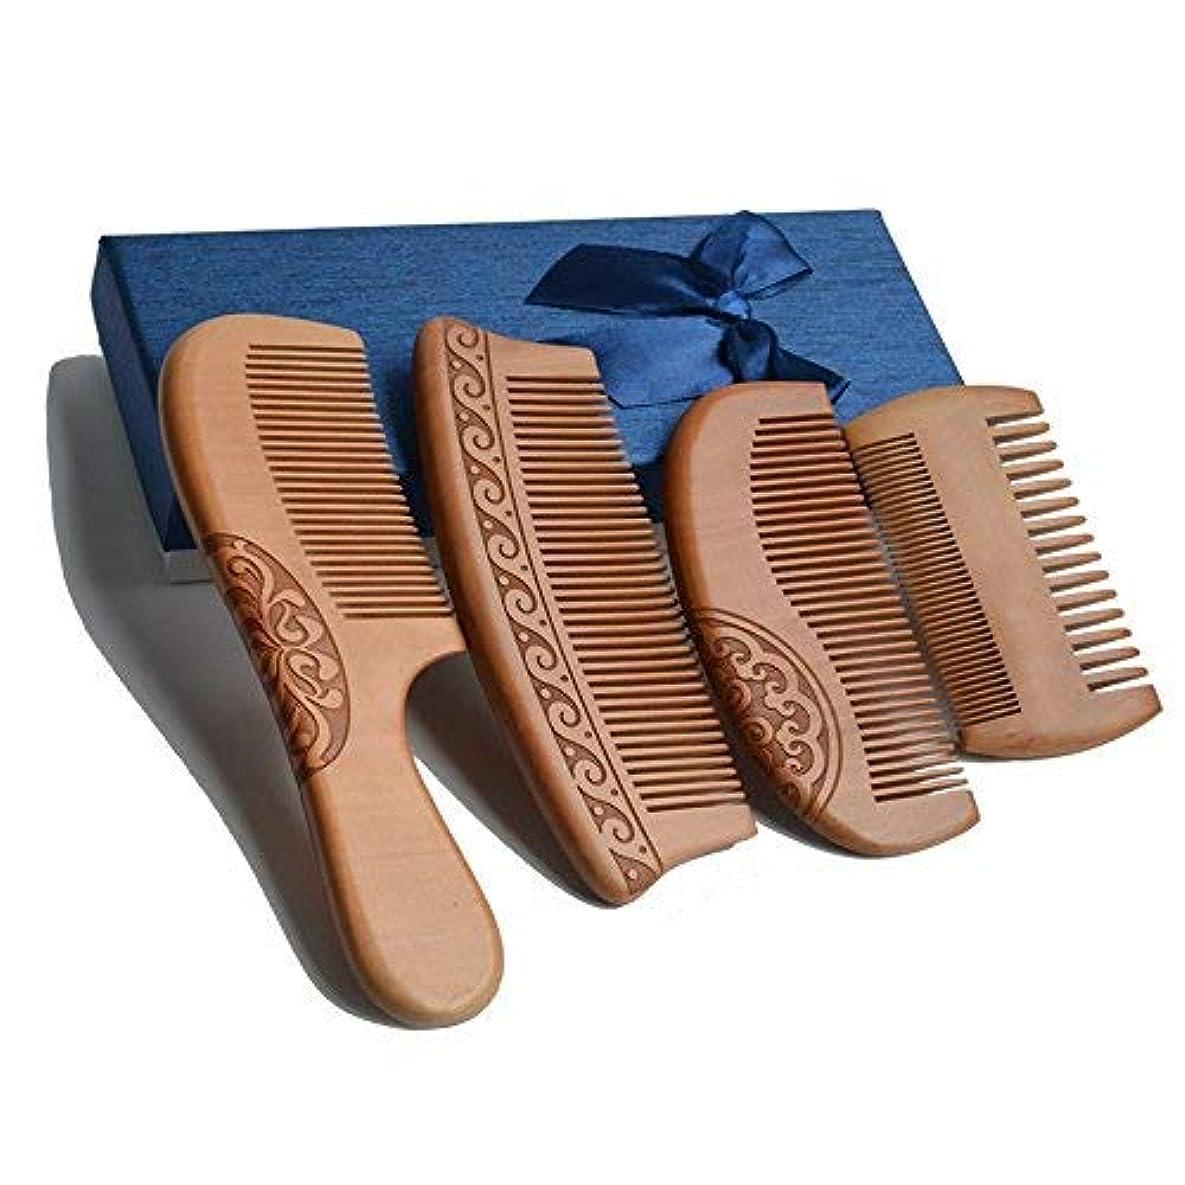 現実父方の専門用語4Pcs Wooden Hair Comb No Static Hair Detangler Detangling Comb with Premium Gift Box [並行輸入品]